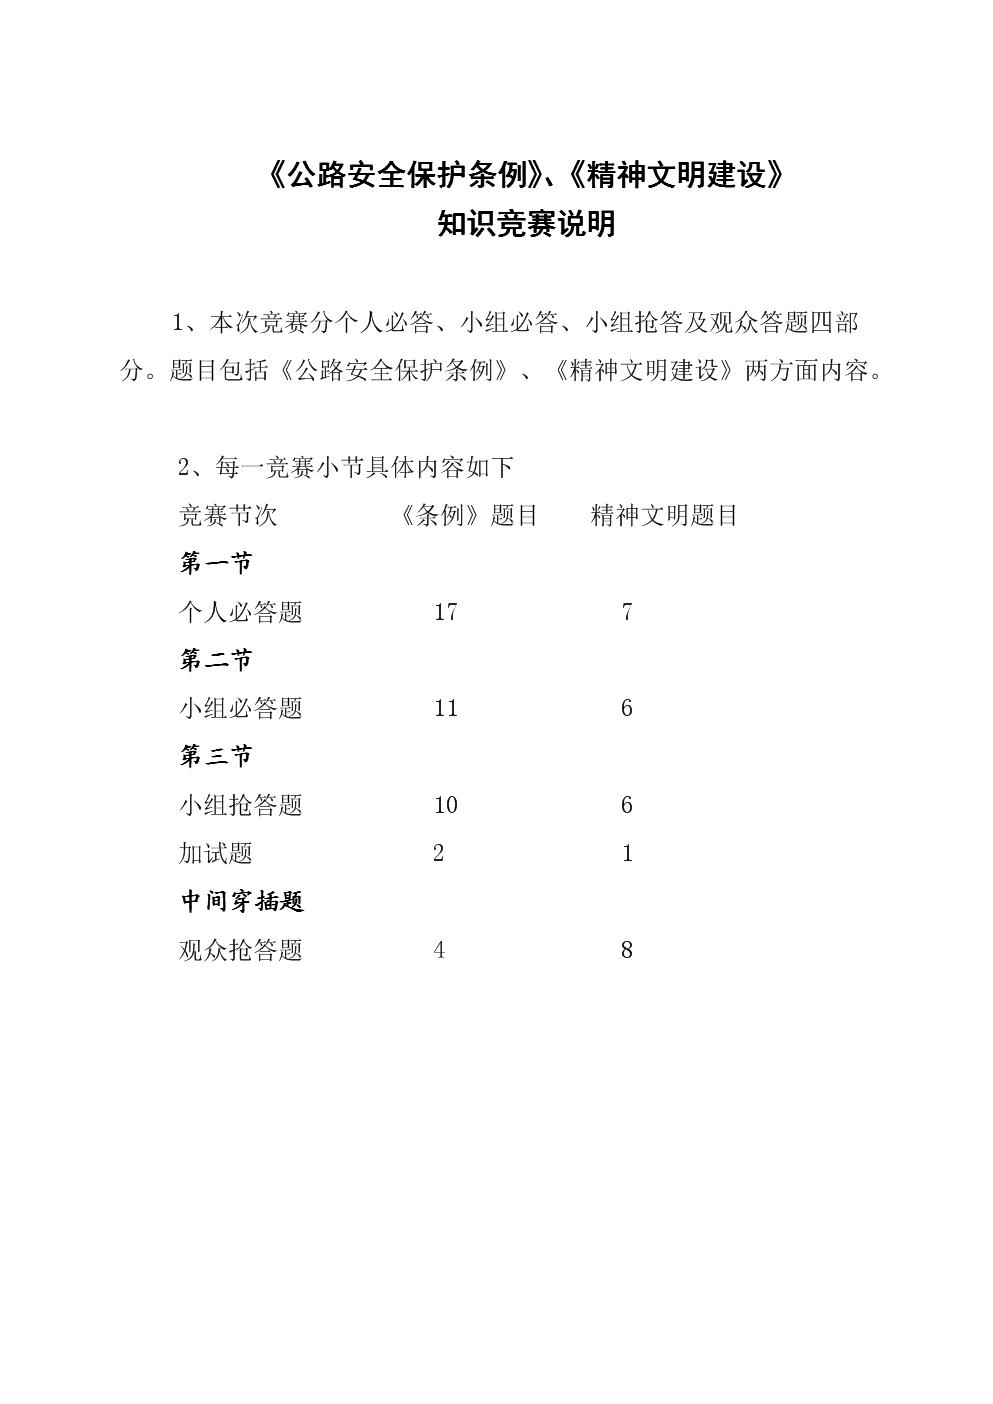 市公路局知识竞赛题(分类).doc